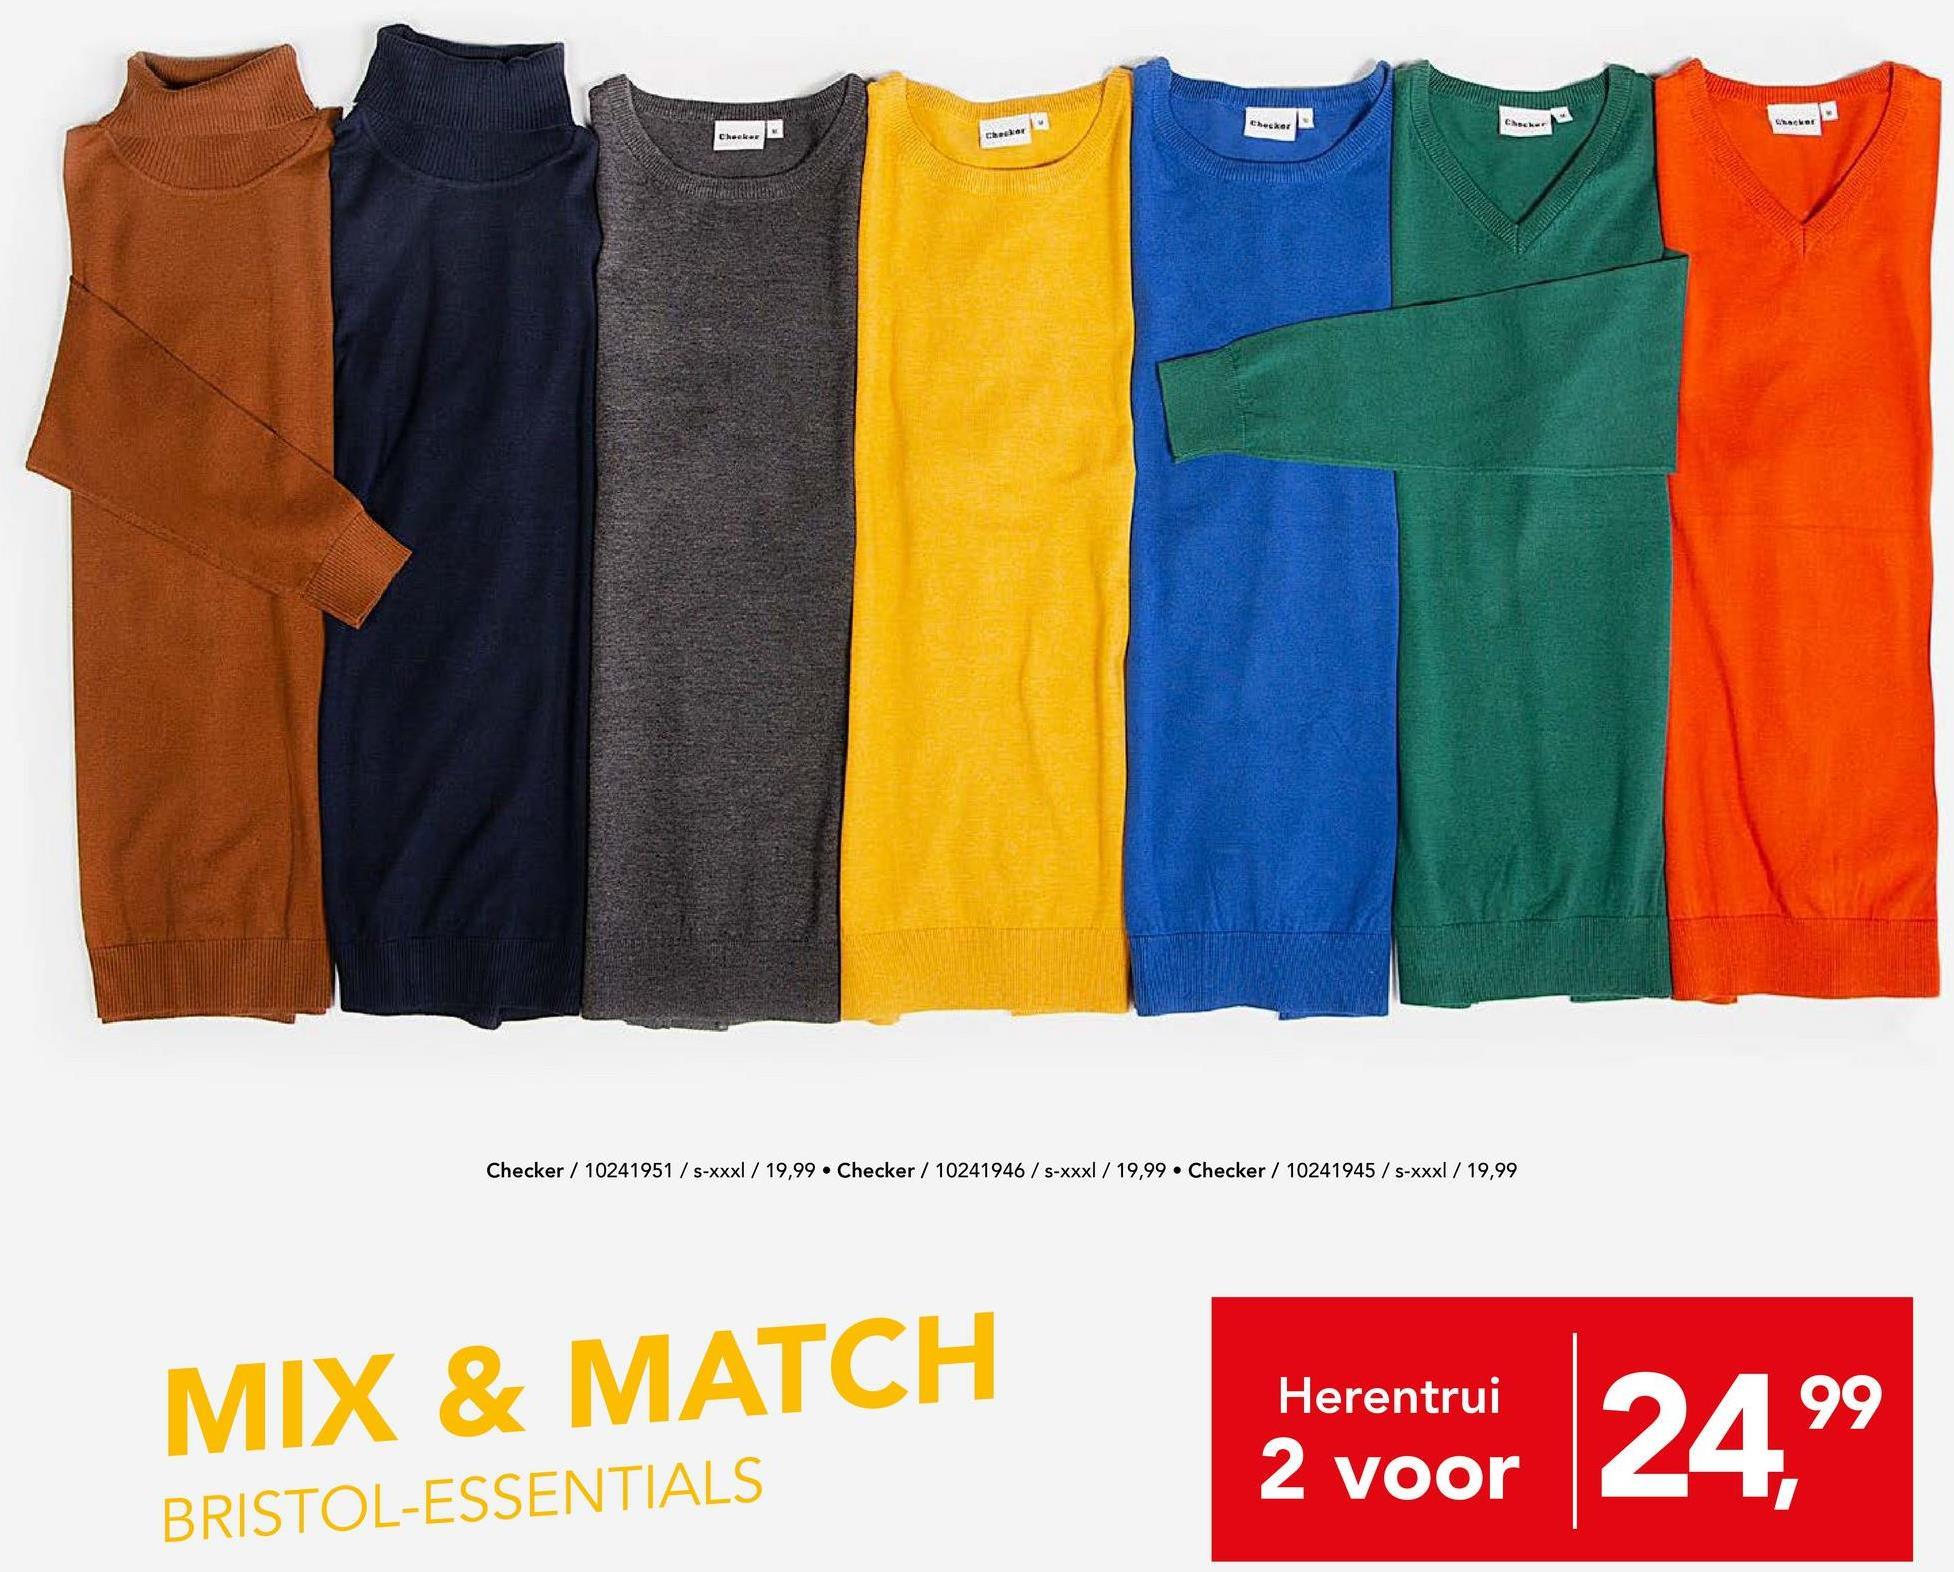 Trui Checker - Zwart Deze casual coltrui van het merk Checker is een echte musthave die niet mag ontbreken in jouw garderobe.